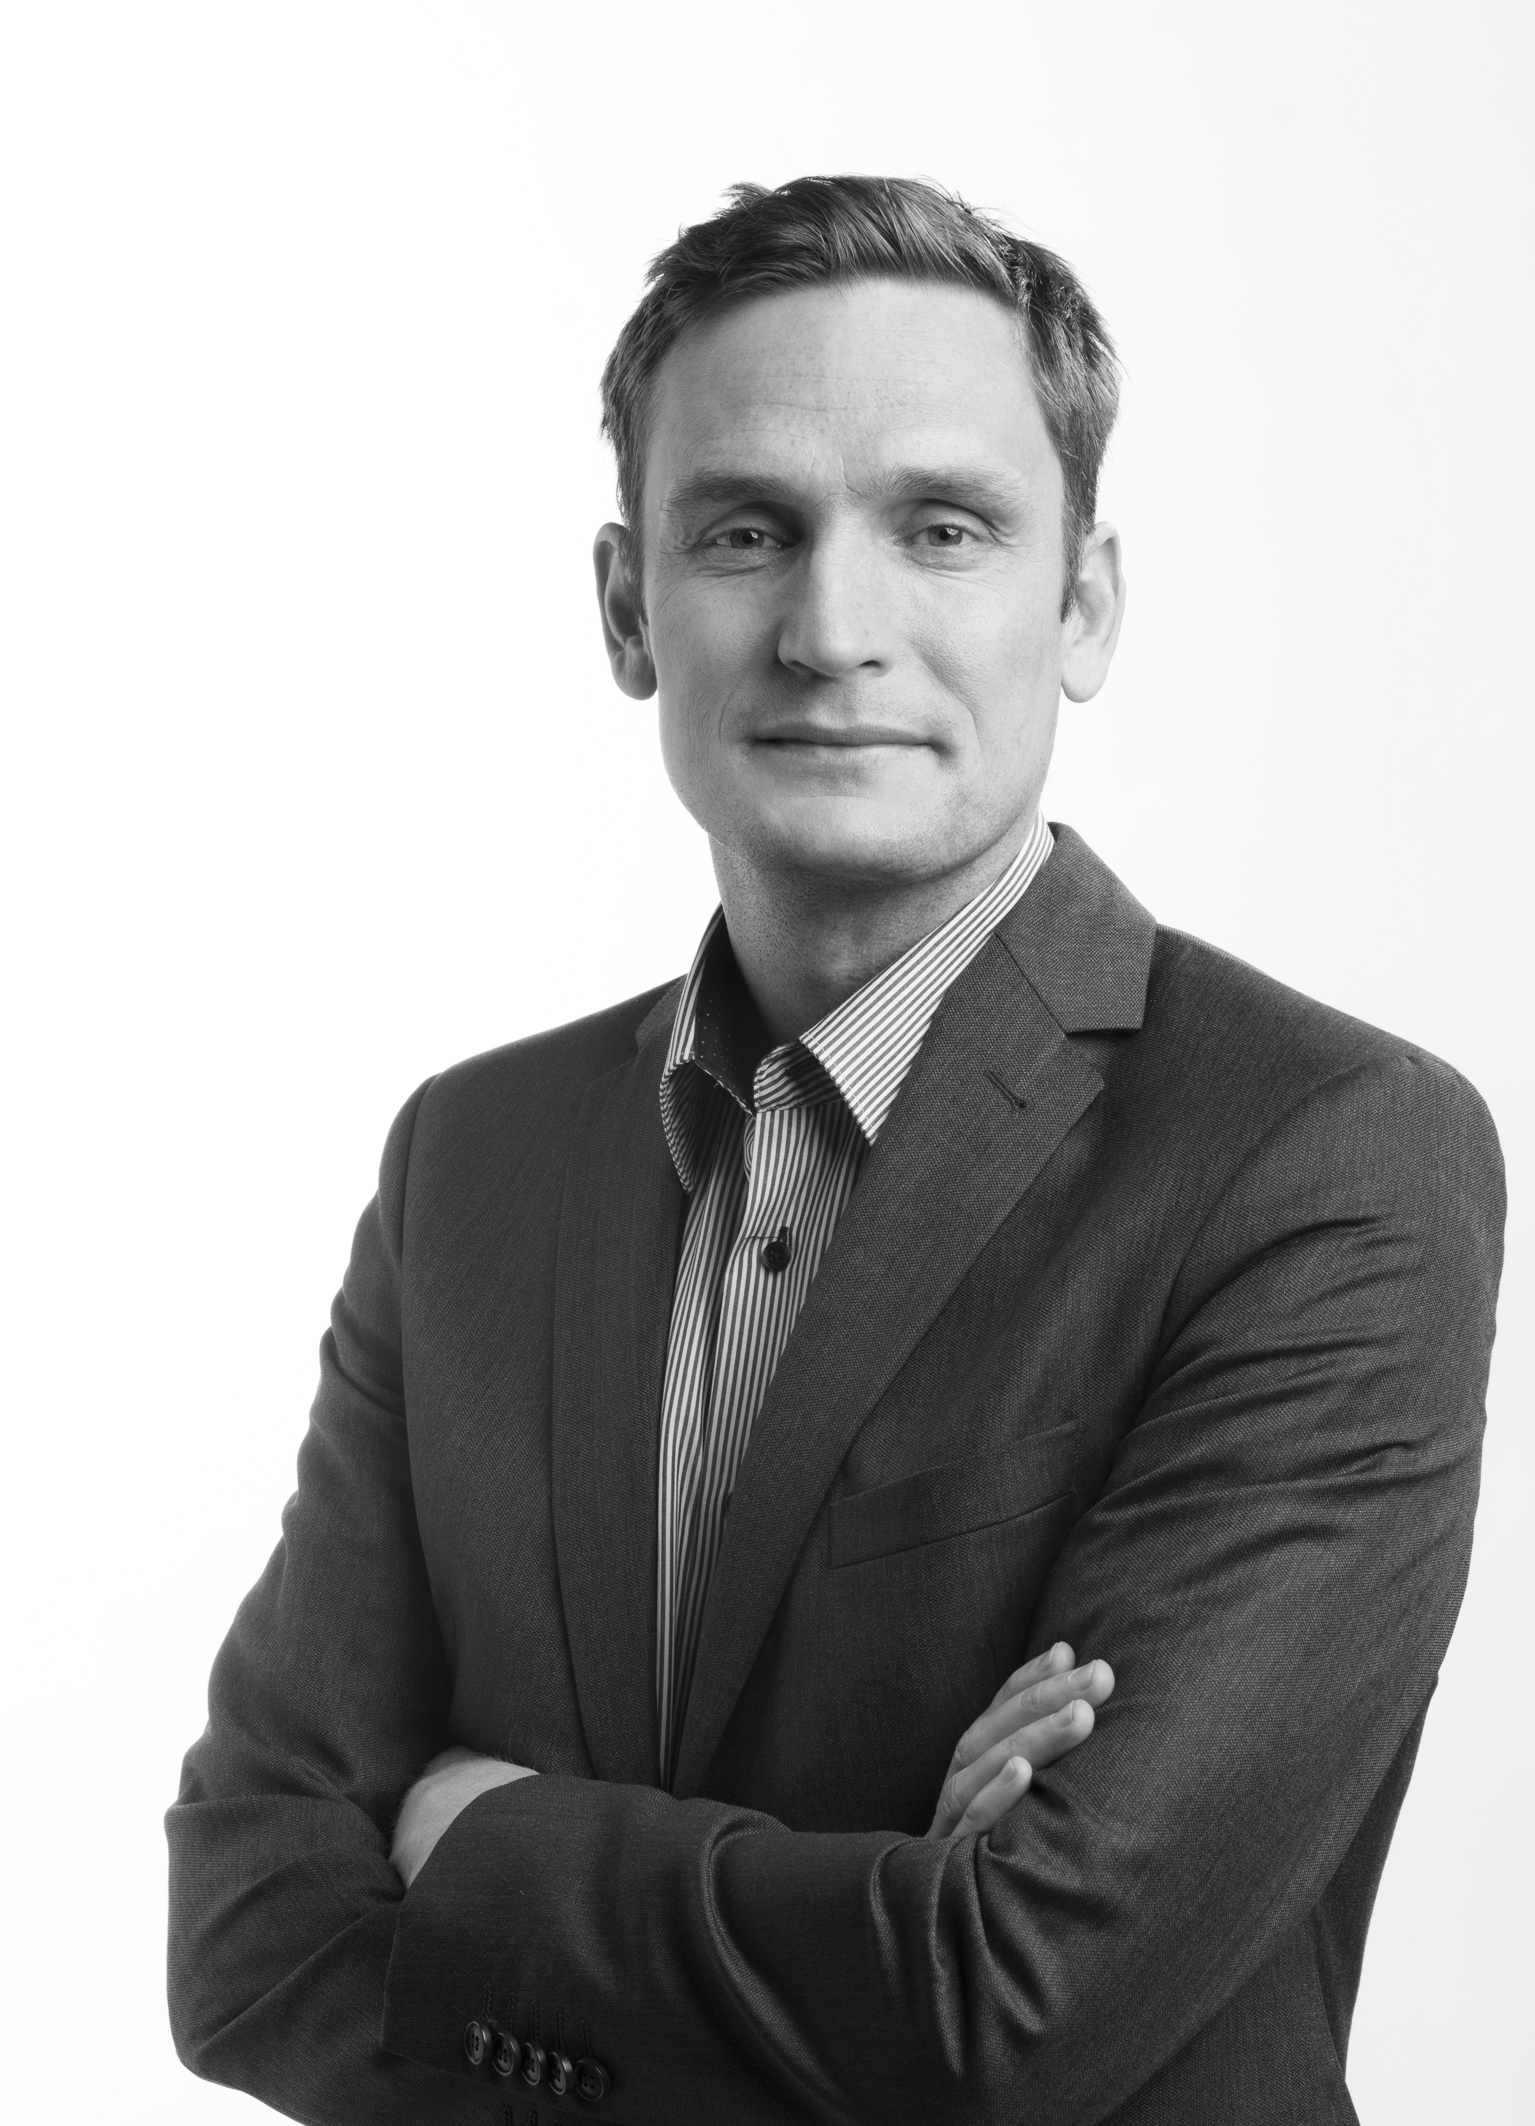 Daniel Ferl